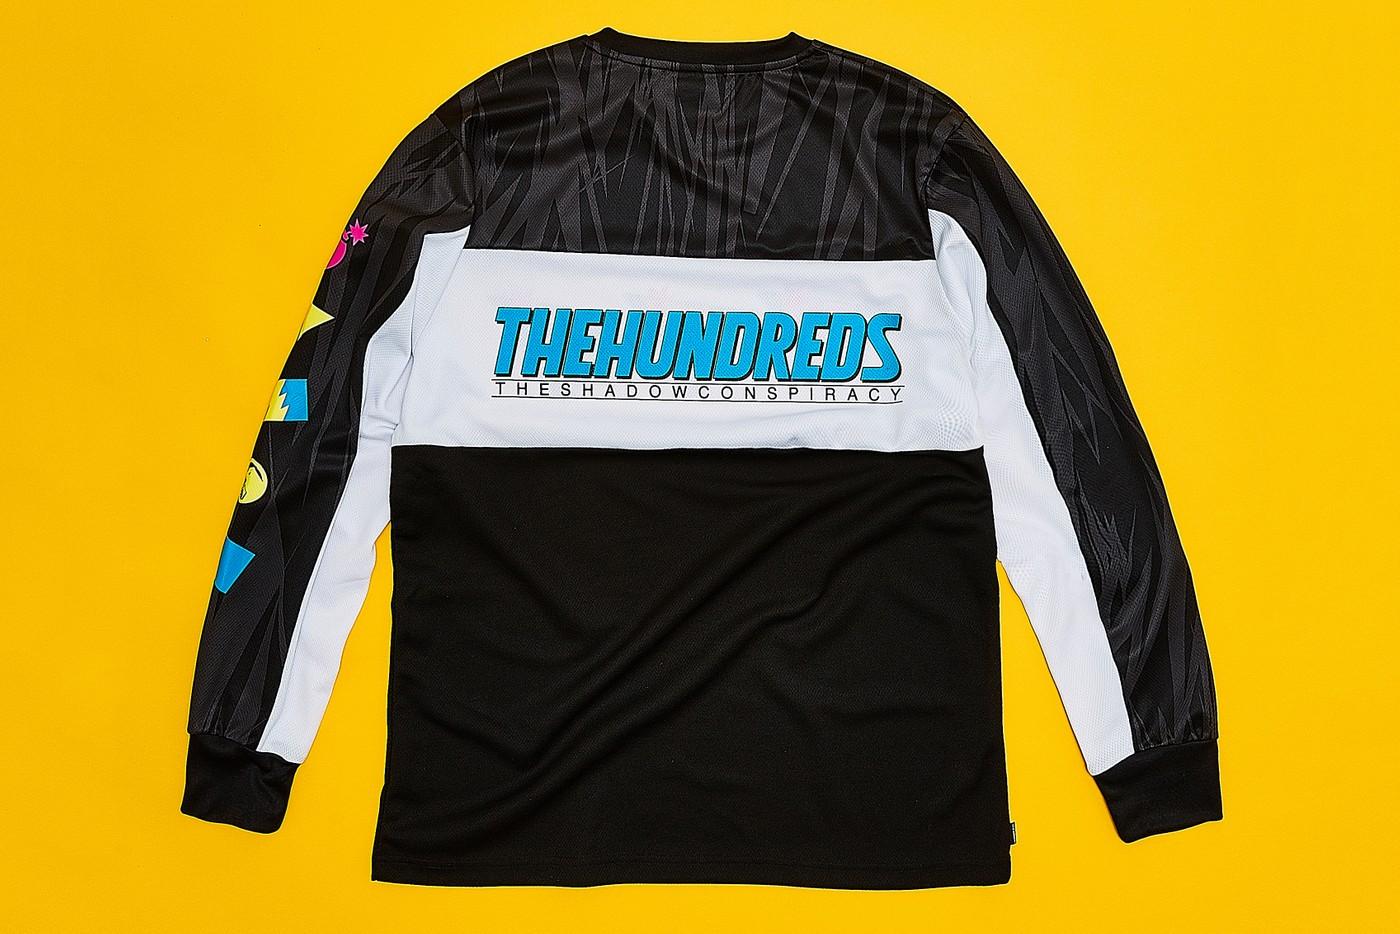 The Hundreds bmx jersey